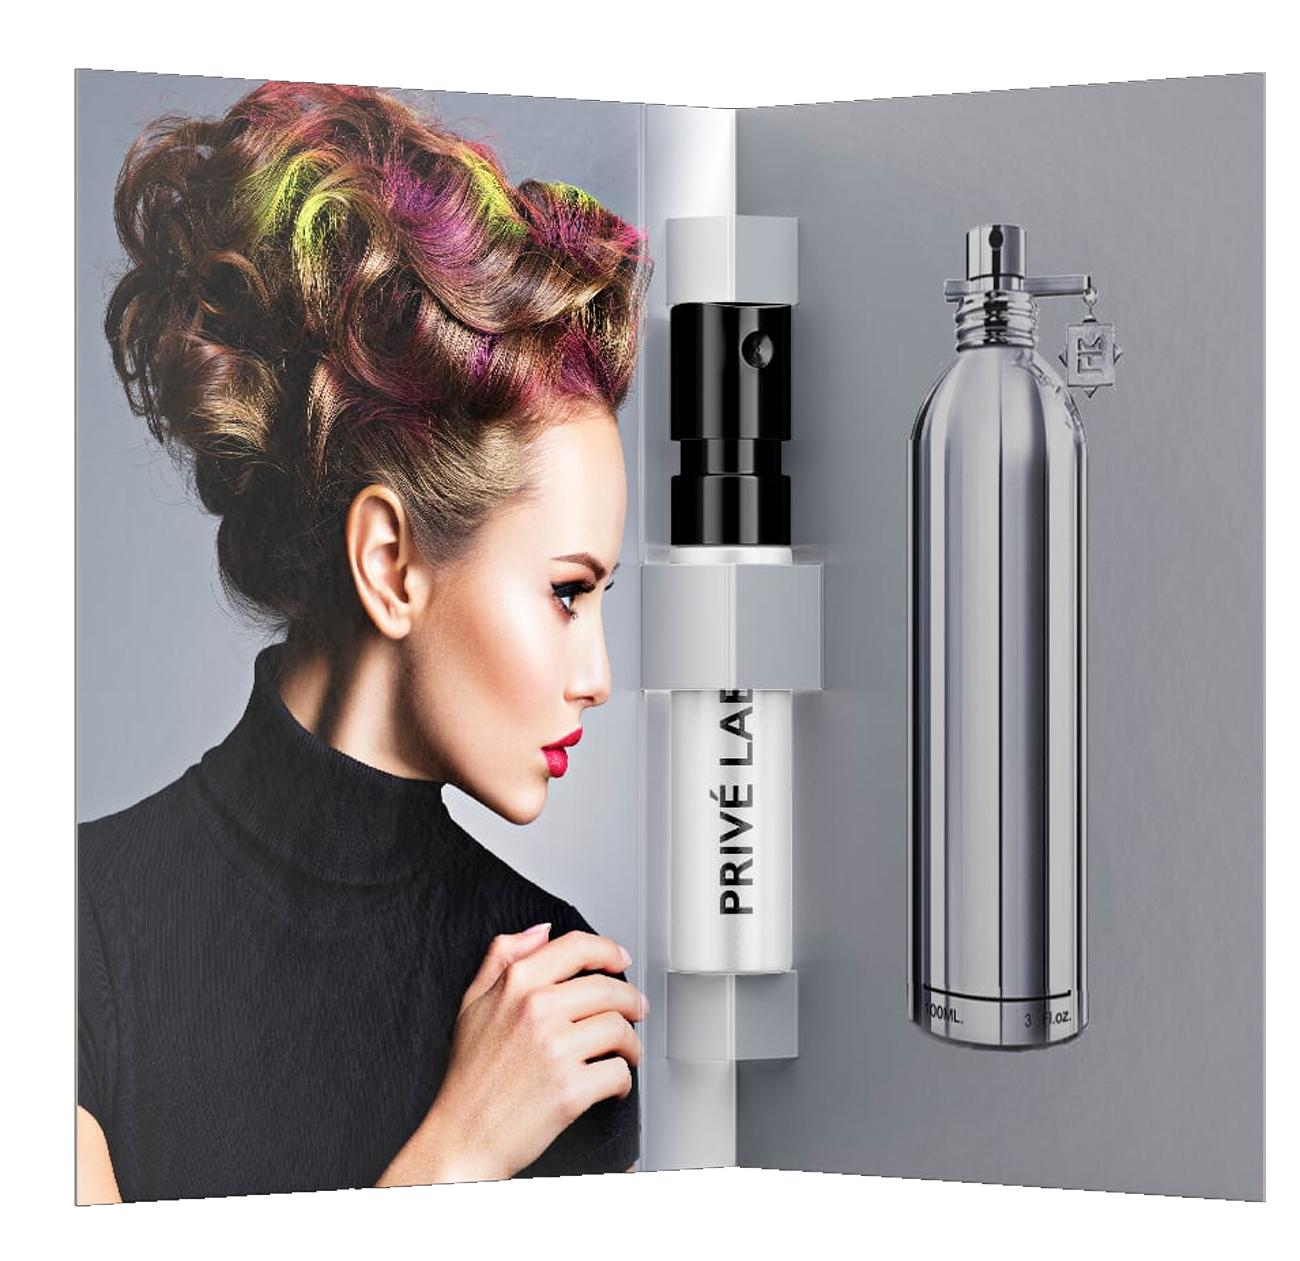 custom perfume sample